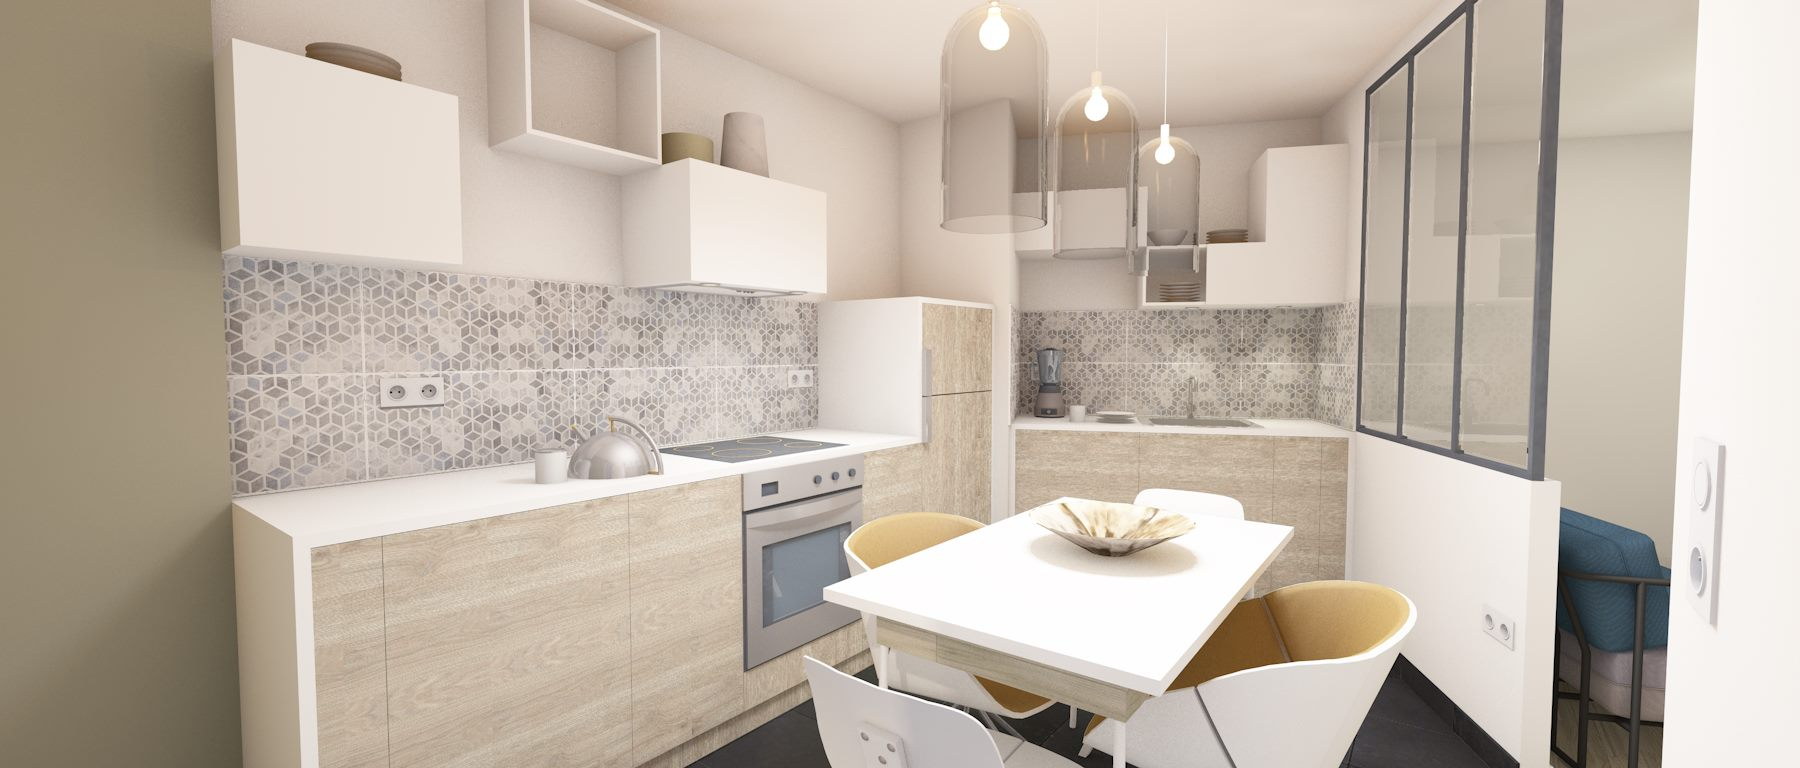 3D cuisine avec verrière étude 4